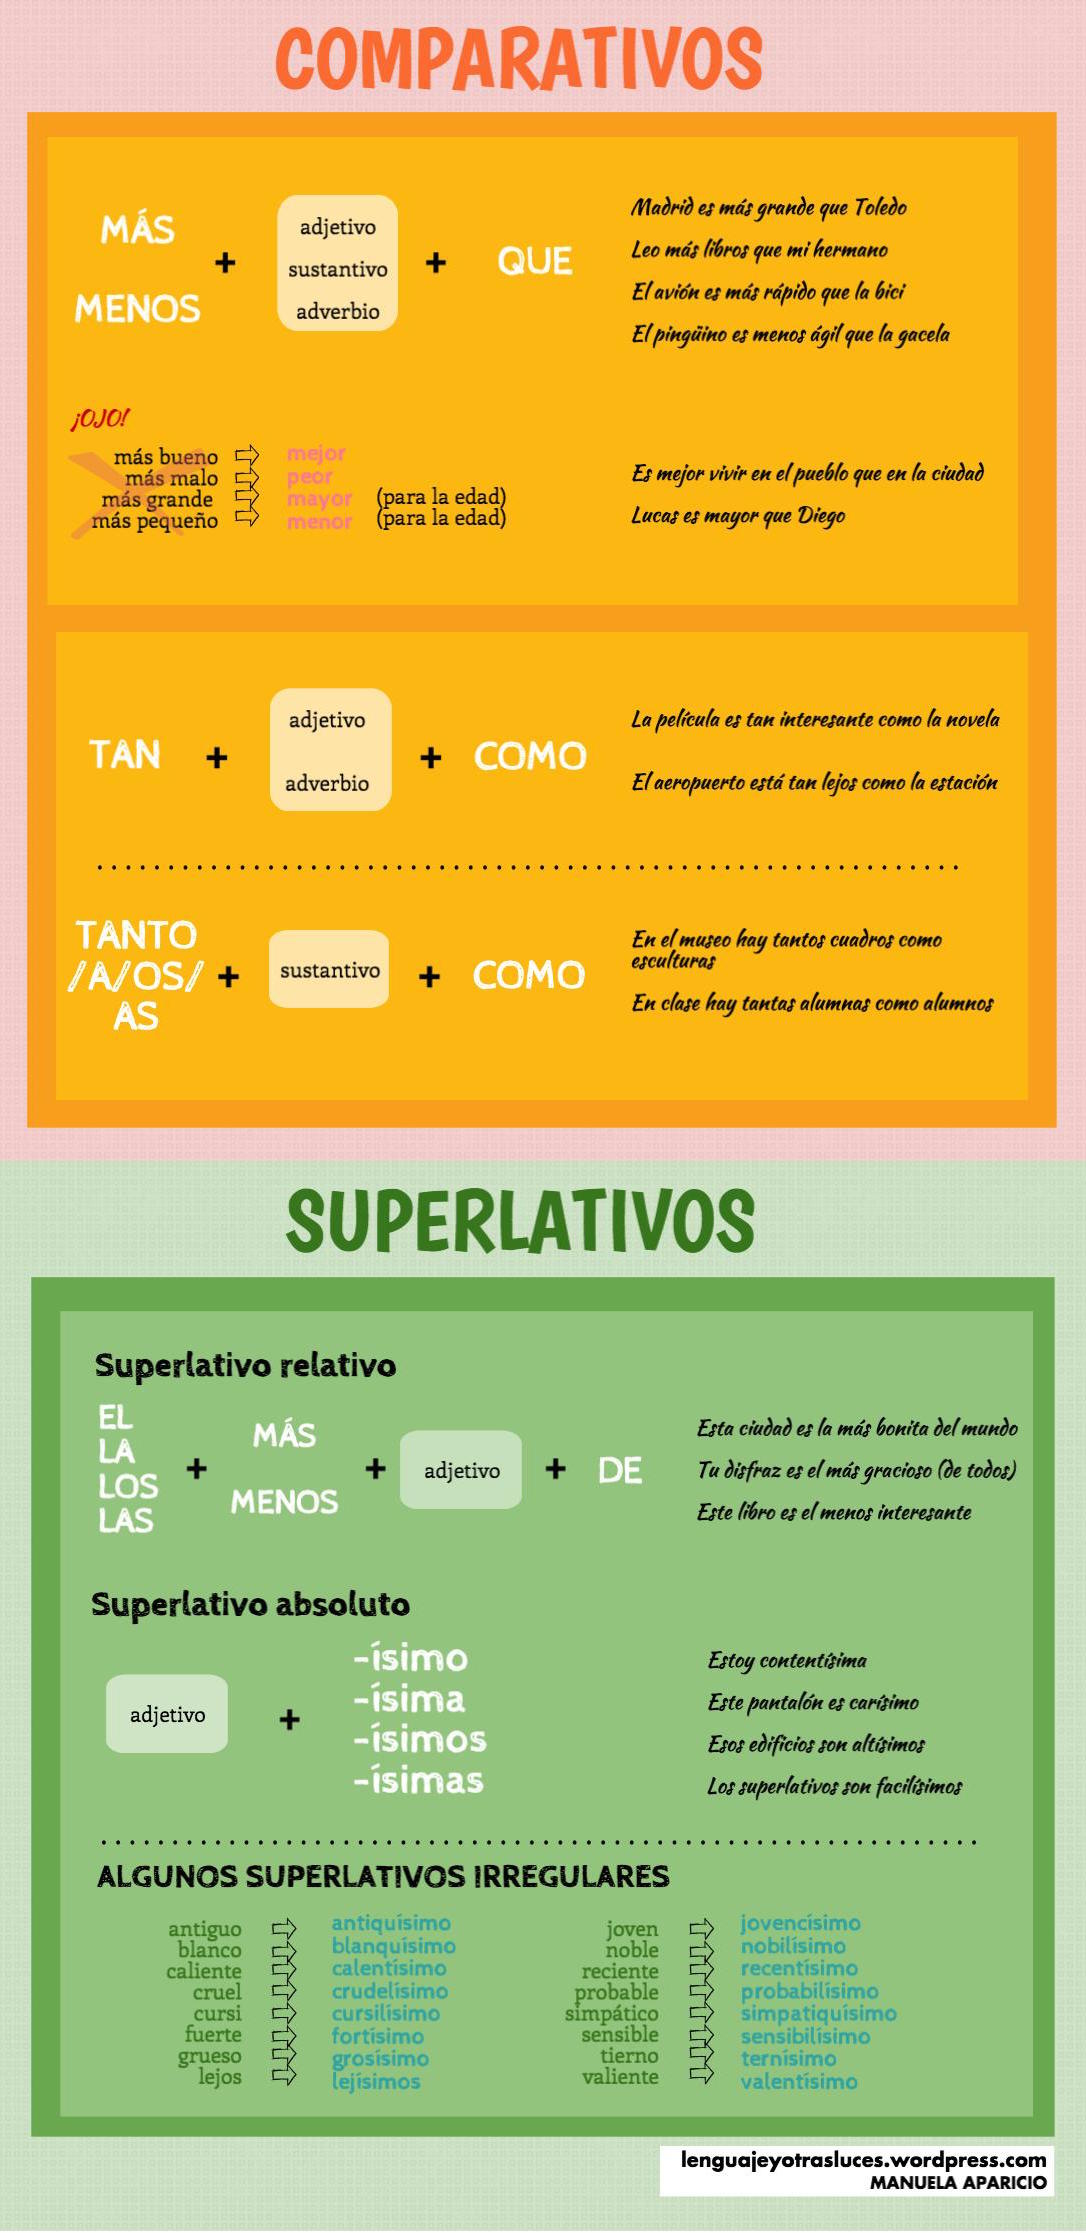 Comparativos Y Superlativos En Español Lenguaje Y Otras Luces